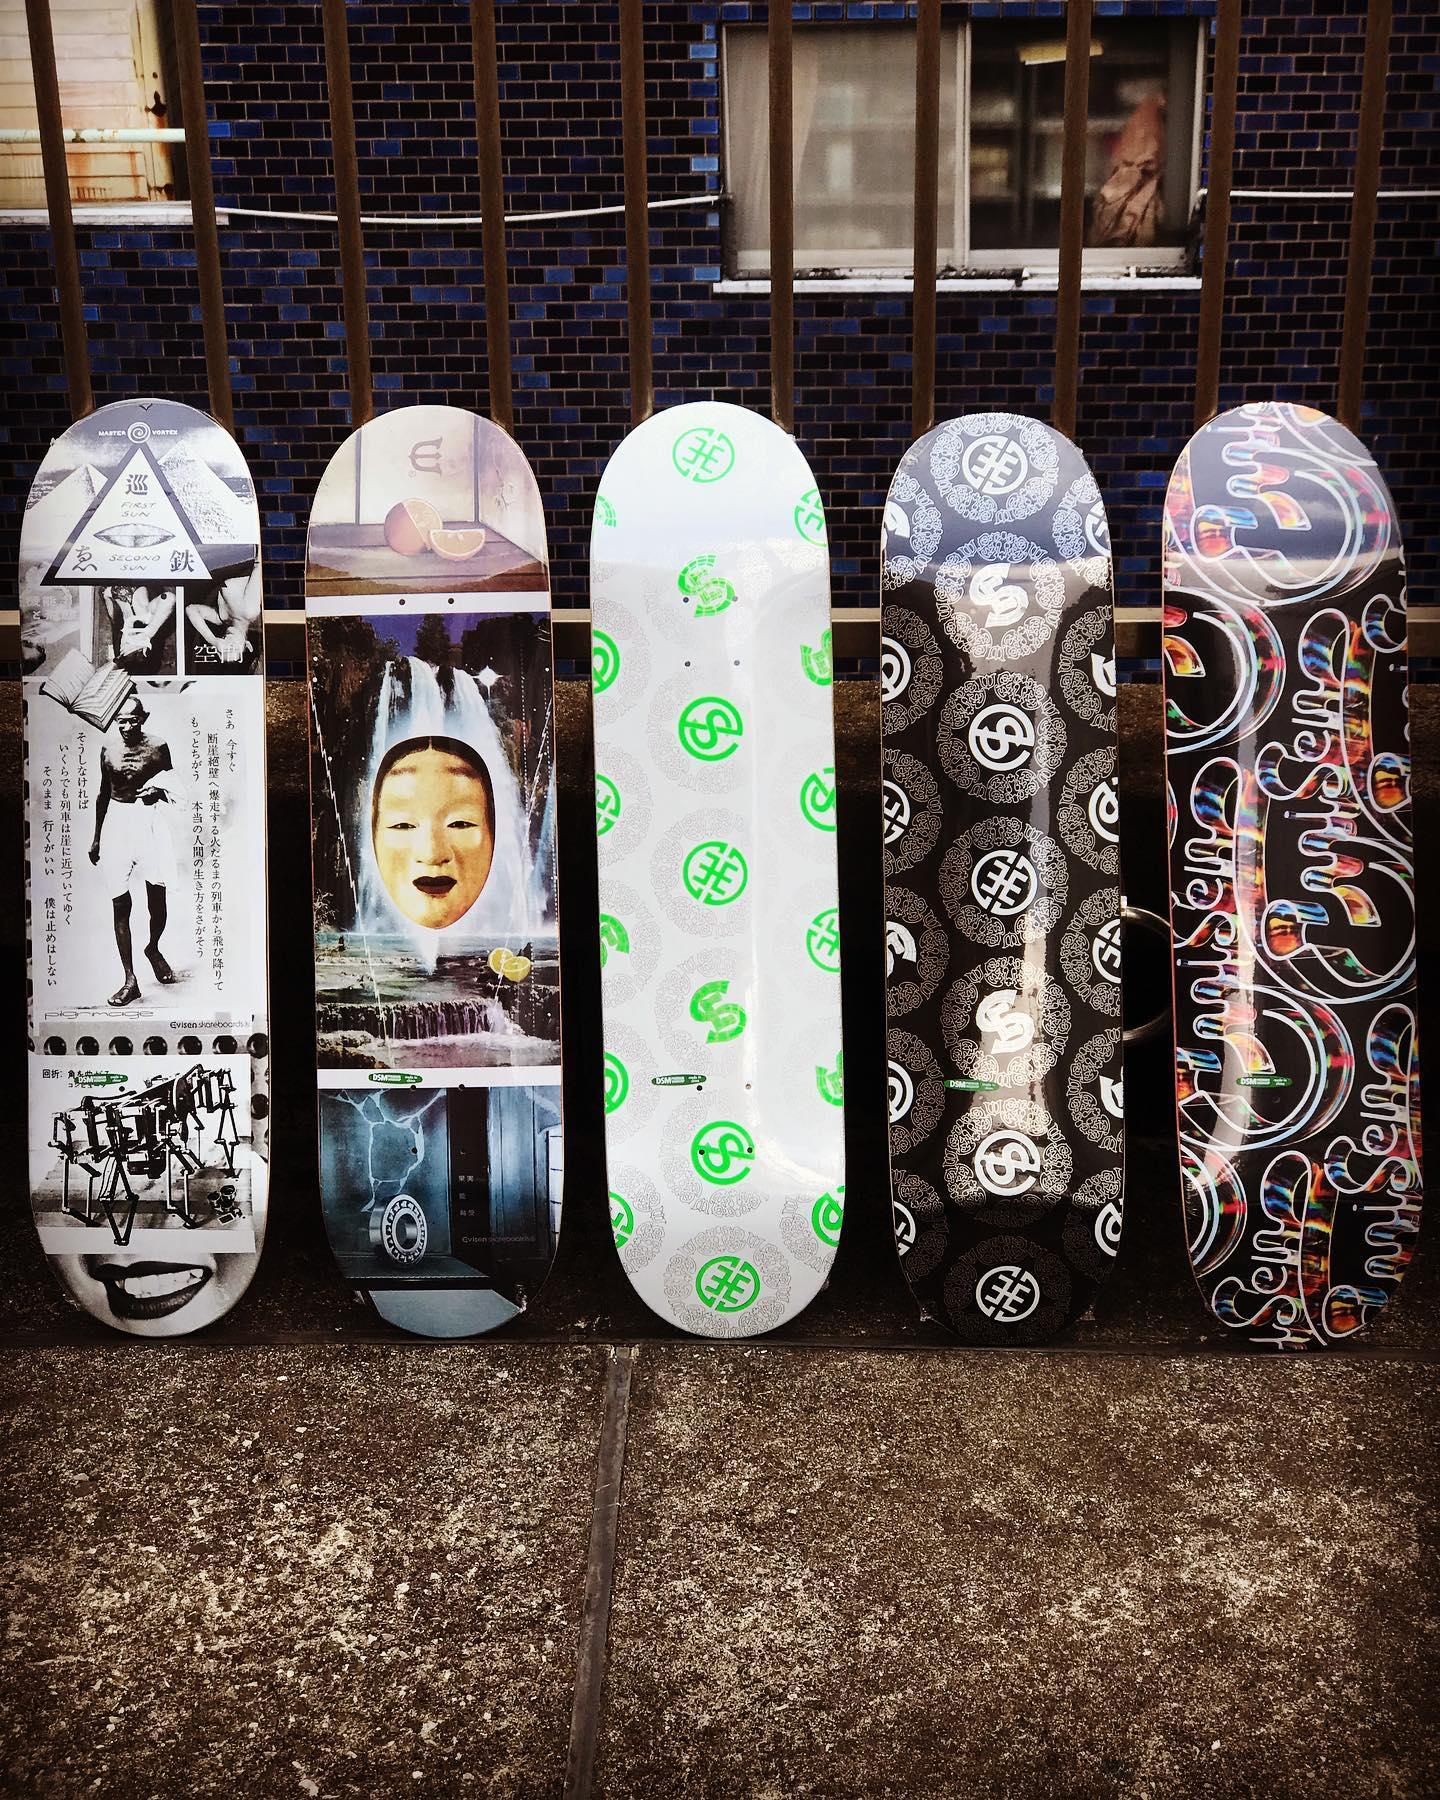 ゑNew @evisenskateco decks. プロスケーター南勝己により2011年に発足されたスケートカンパニー「Evisen Skateboards/エビセン」。Instantライダーの @japanese_super_rat も所属する、日本のみならず世界から多くの支持を集める日本を代表するブランド。